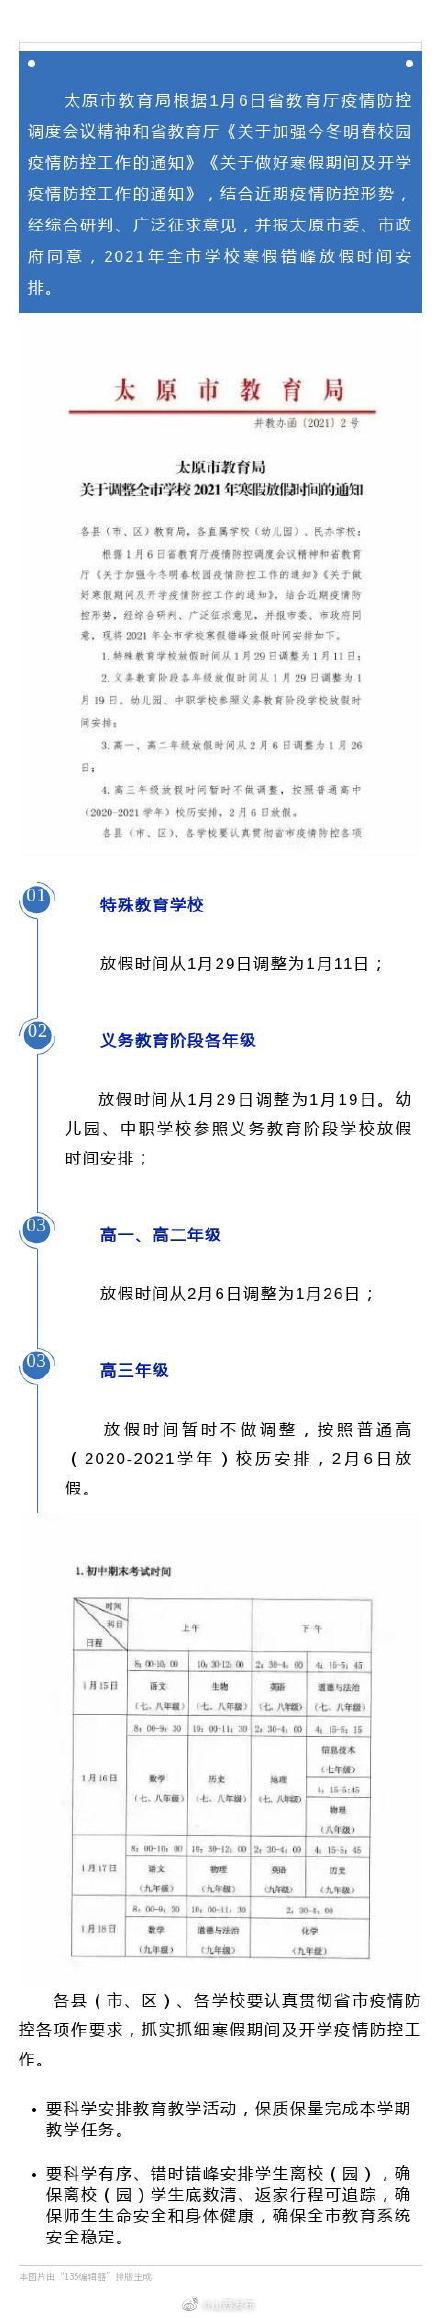 """021小學初中寒假什么時候放?提前到1月19日"""""""